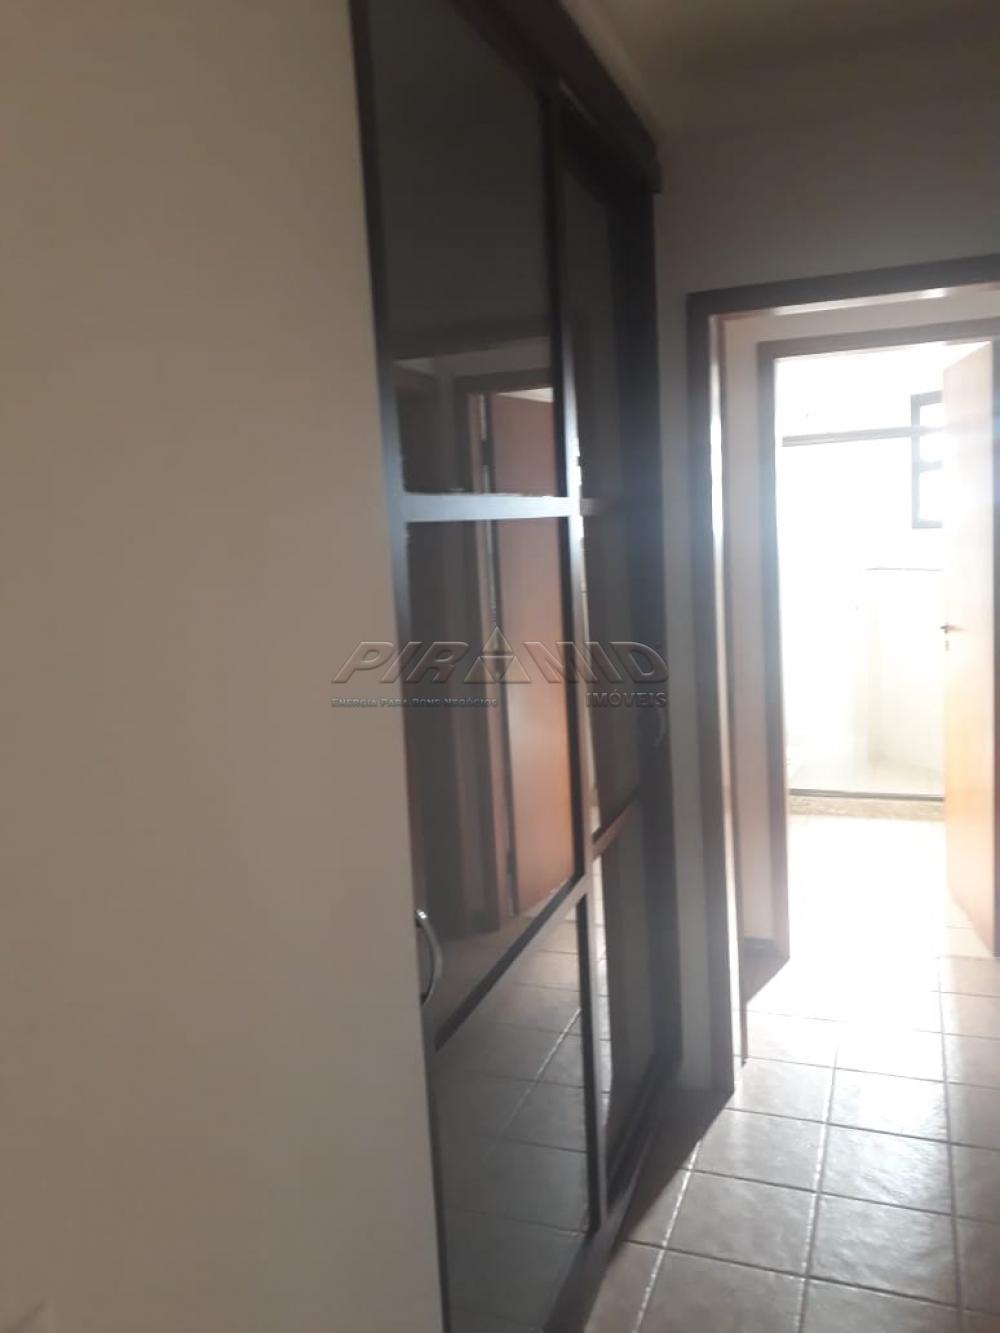 Alugar Apartamento / Padrão em Ribeirão Preto apenas R$ 2.500,00 - Foto 18